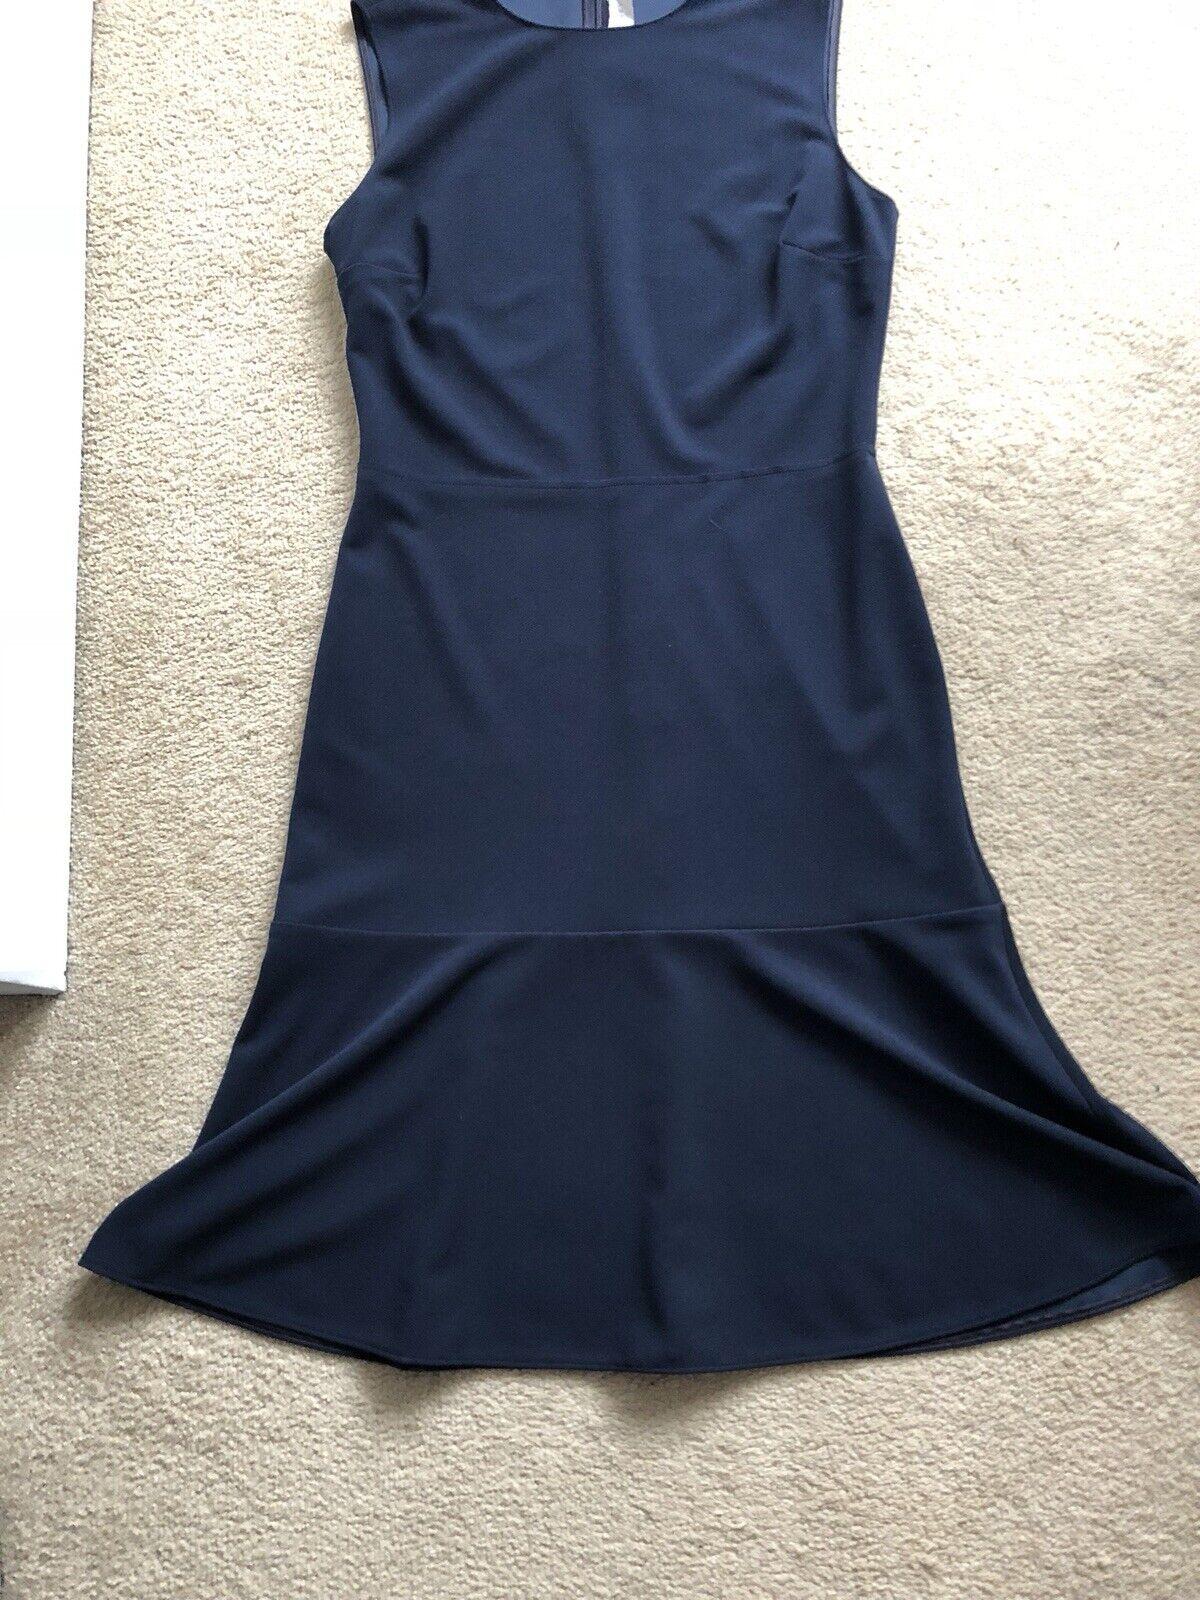 Stella Mccartney Navy bluee Dress, IT42